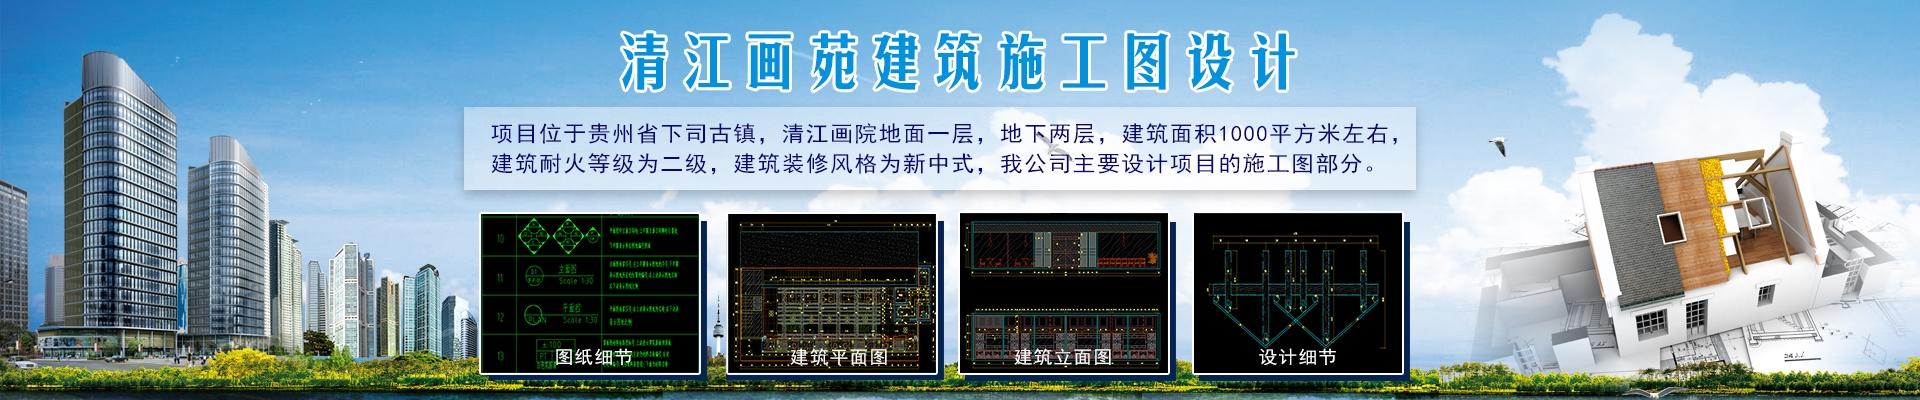 清江画苑建筑施工图设计